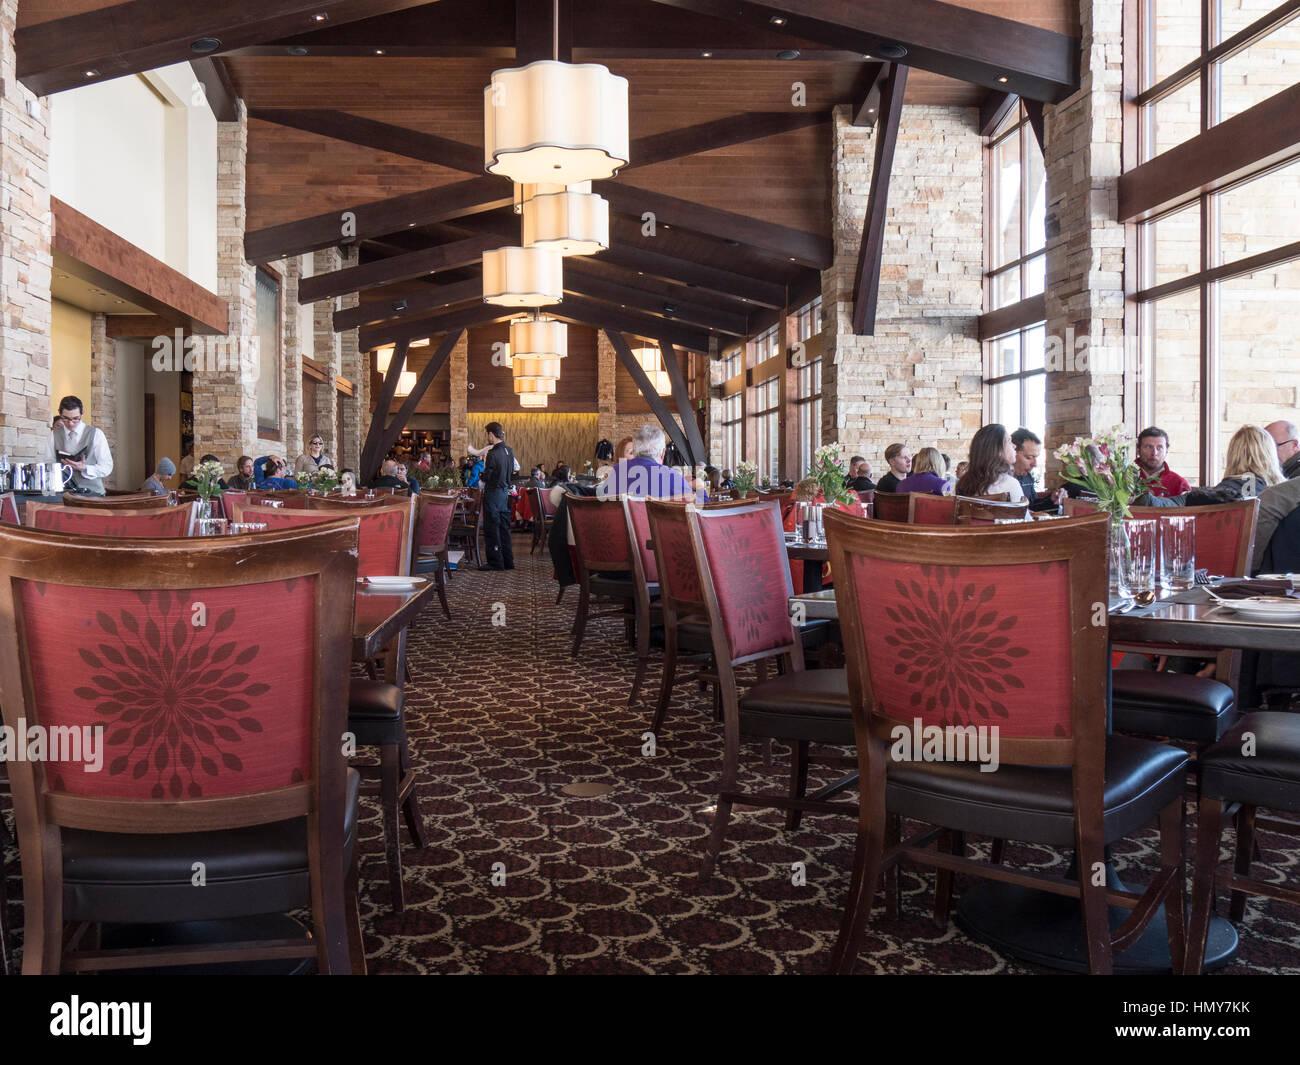 Inside the 10th restaurant, Mid-Vail Village, winter, Vail Ski Resort, Vail, Colorado. - Stock Image